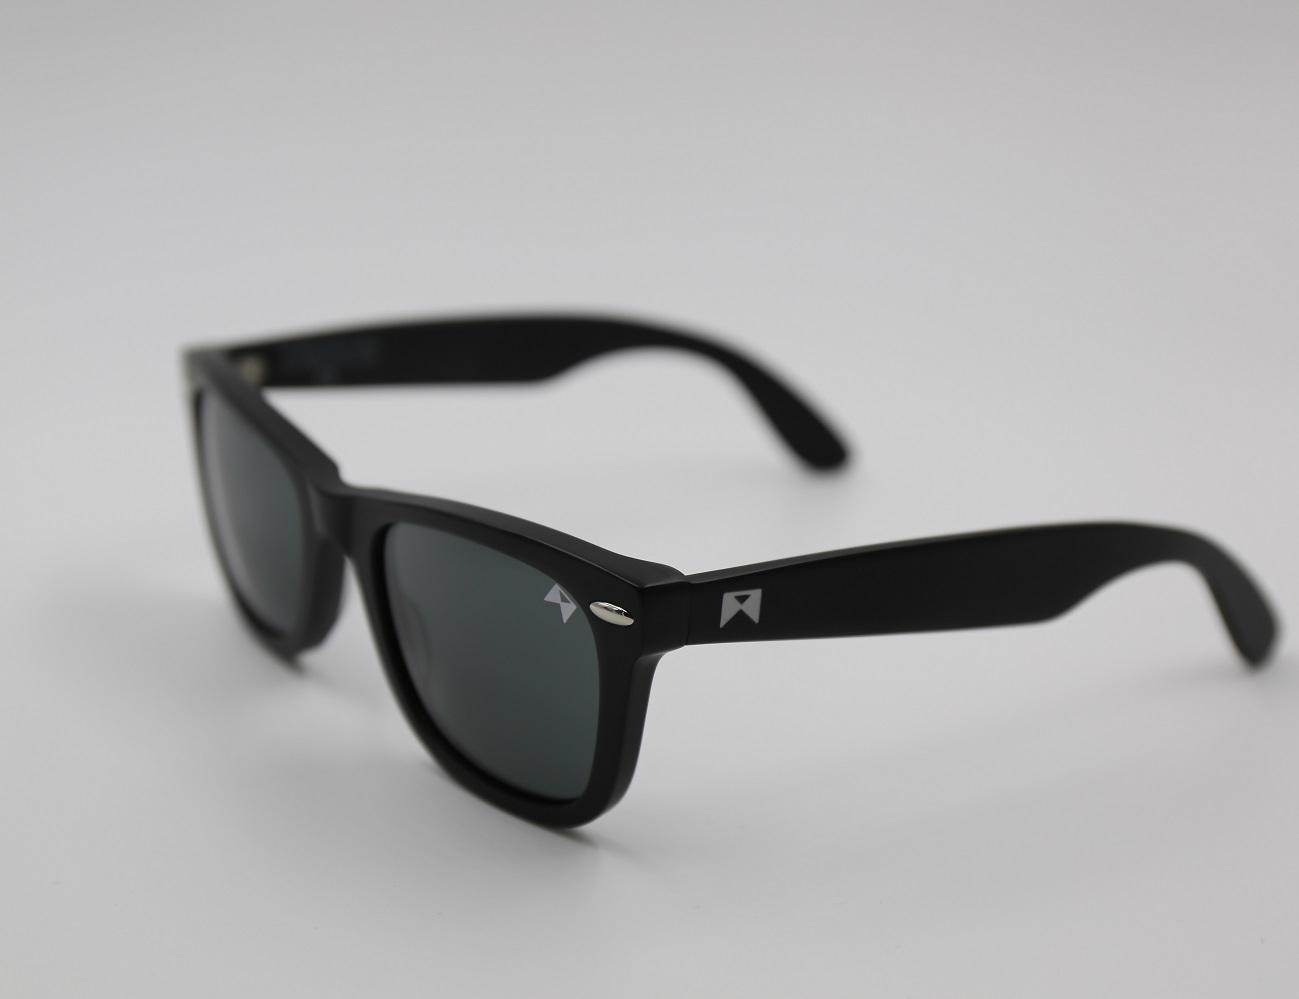 6300a2b36e Titanium Bottle Opening Sunglasses by William Painter » Gadget Flow